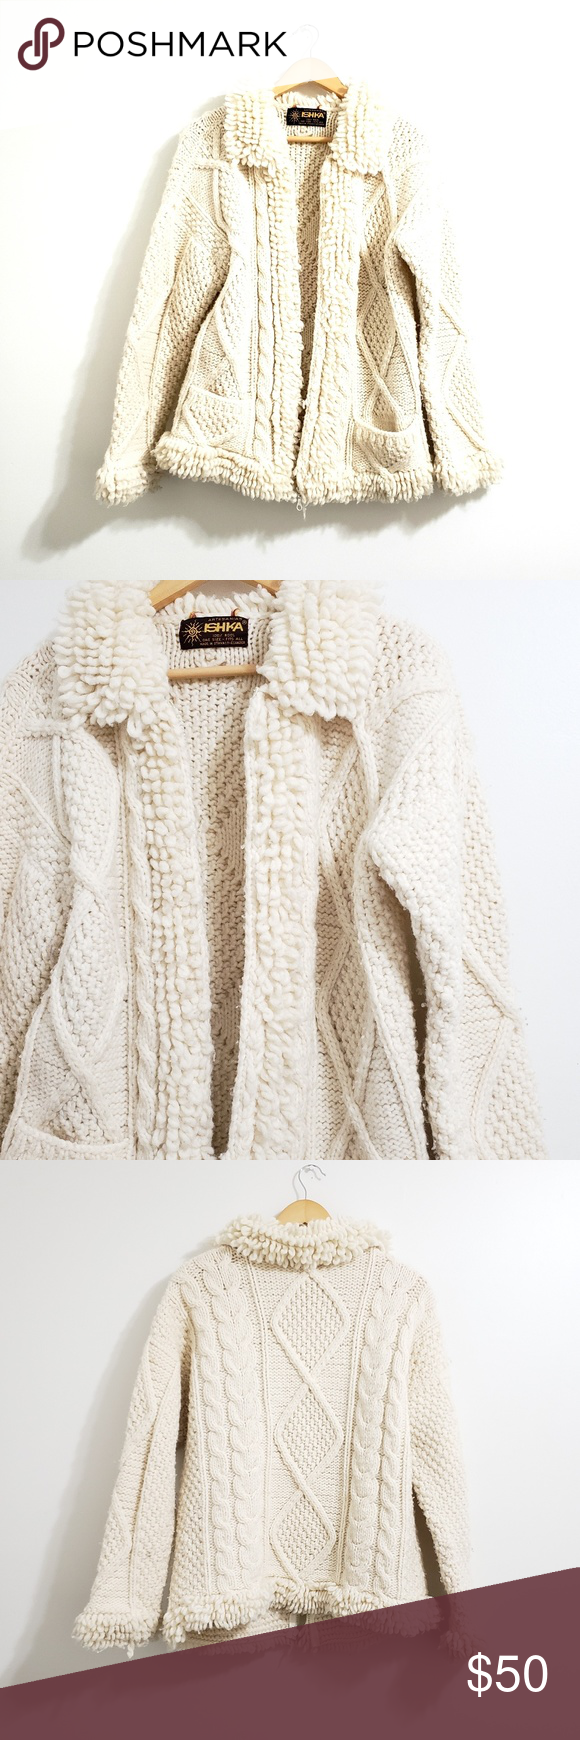 Artesania Ishka | Wool Textured Knit Sweater | Textured knit